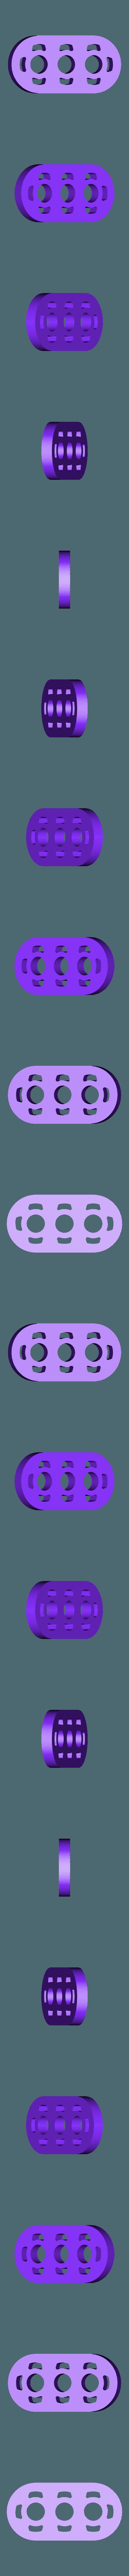 strait_3.STL Télécharger fichier STL gratuit MEGA Expansion 200+ Pièces • Plan à imprimer en 3D, Pwentey